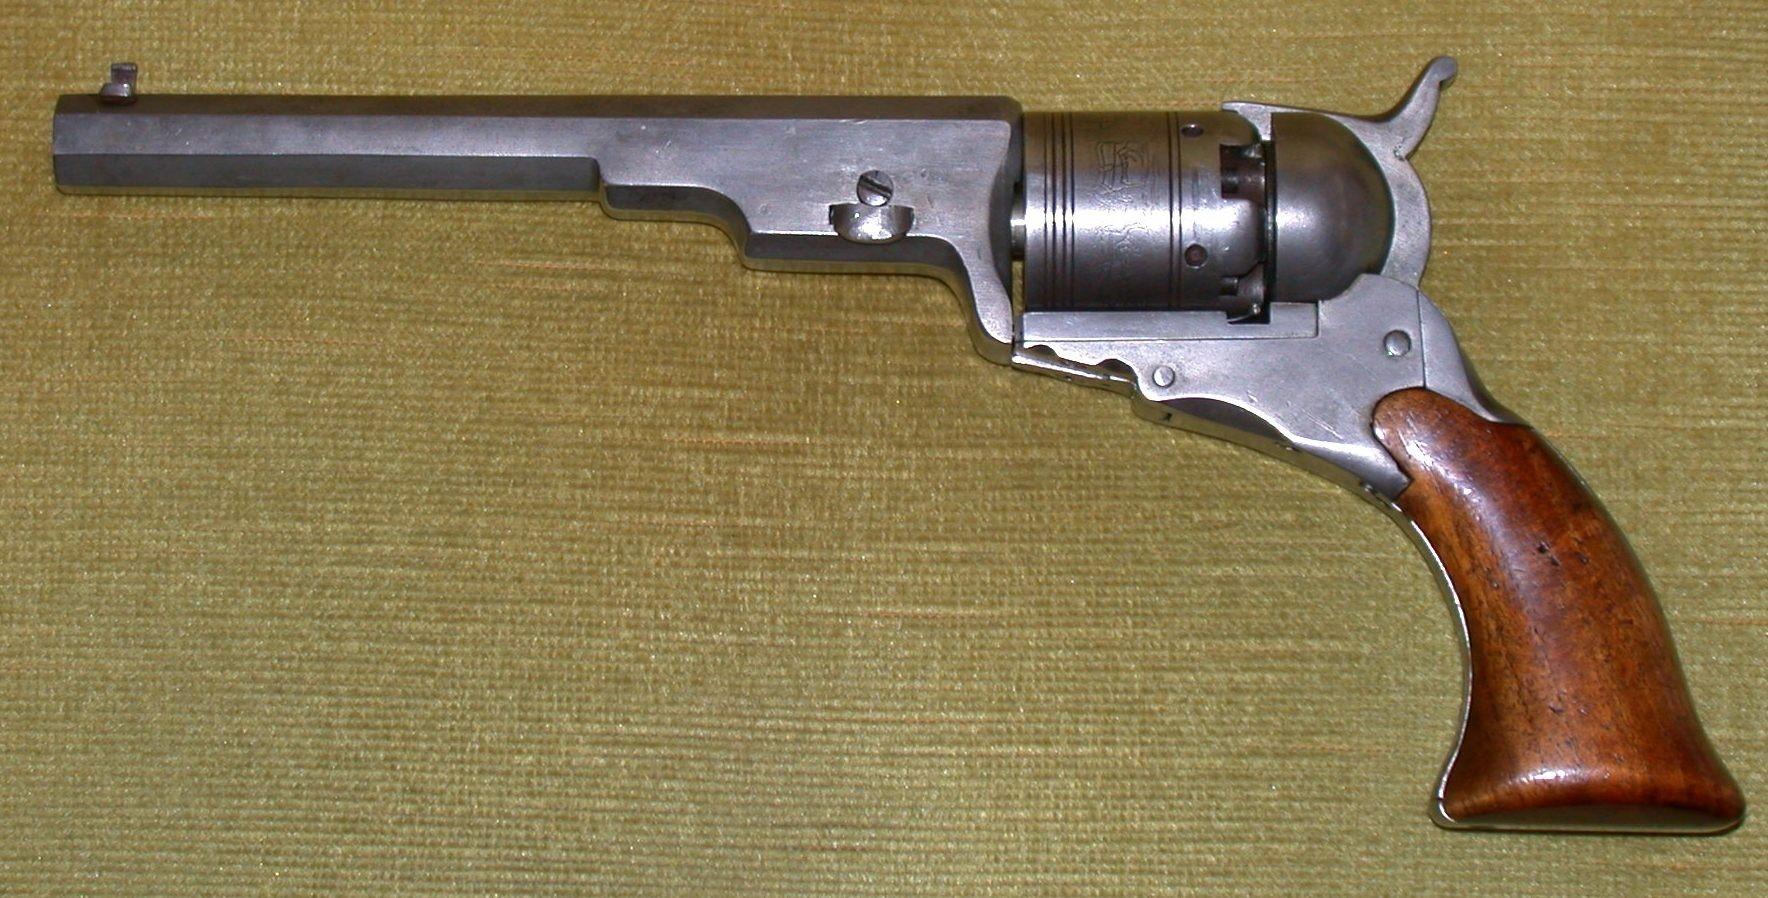 Réplica de um Colt Paterson, primeiro revólver produzido em escala comercial, de 1836. (Foto: wikimedia commons)